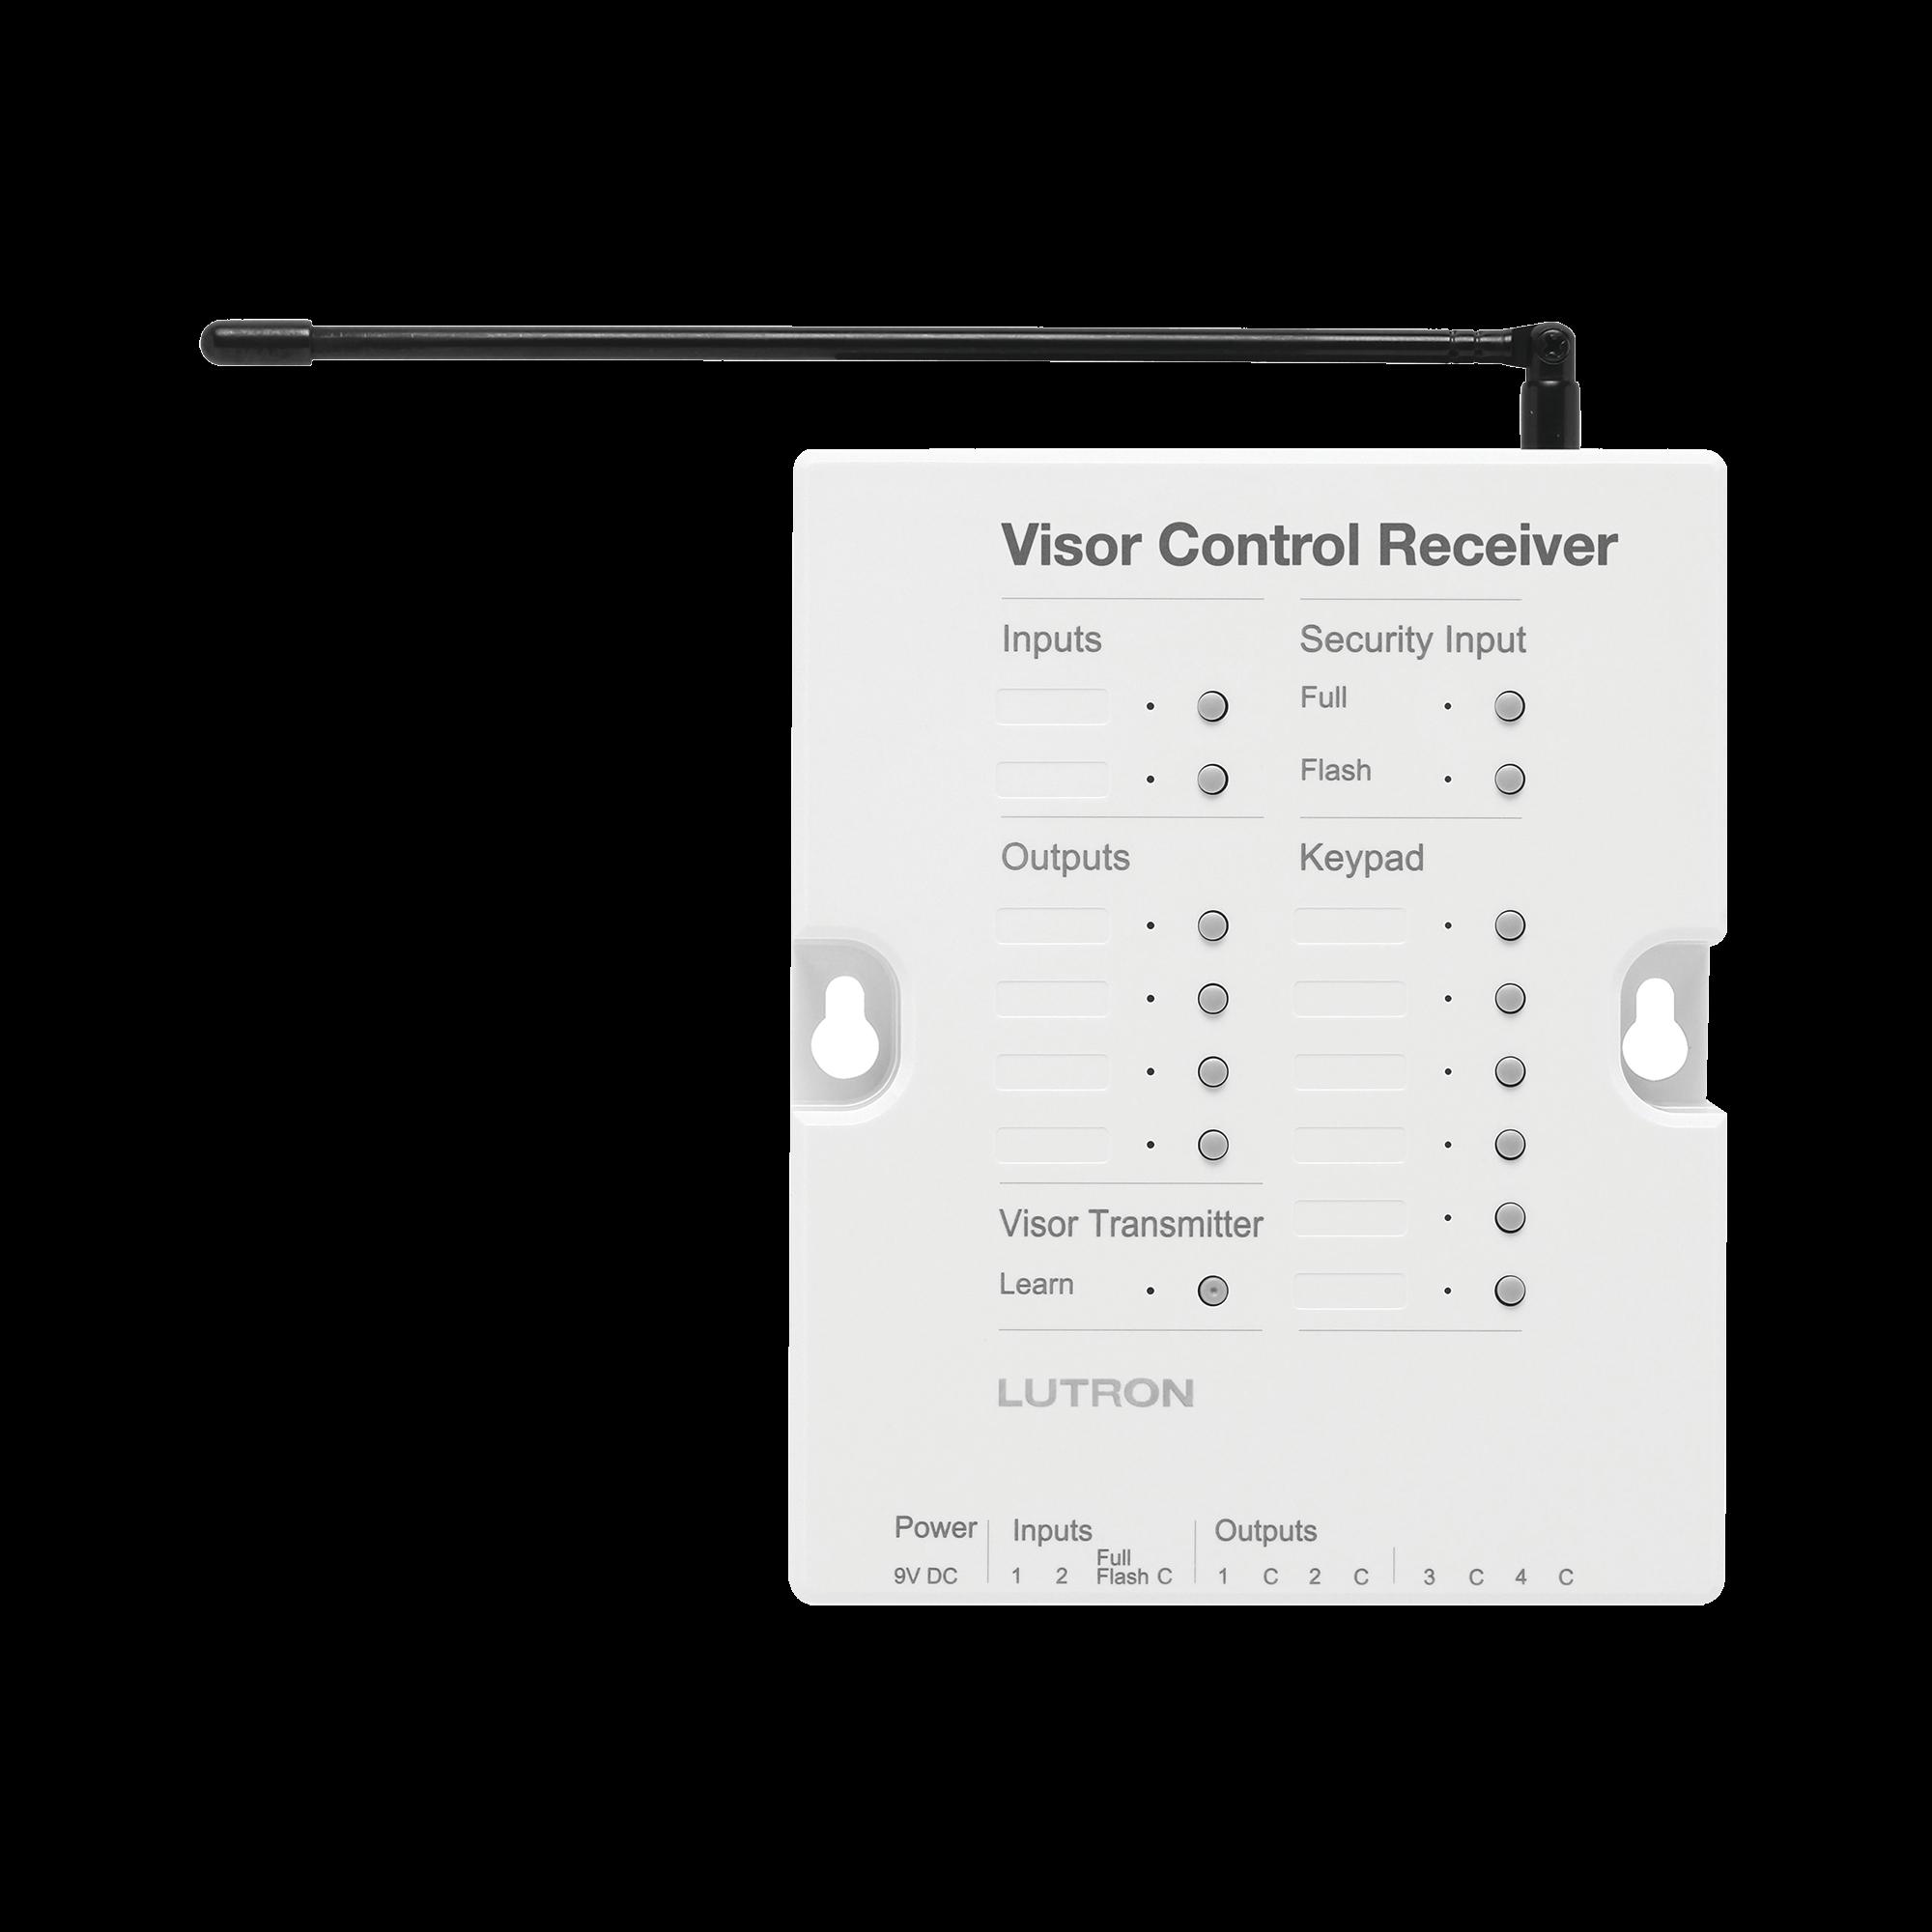 Receptor de control para puertas de garage, regulador de iluminación. 120V, 4 salidas de relay y 2 entradas. Complementar con RRMAIN de RadioRa2 Lutron.